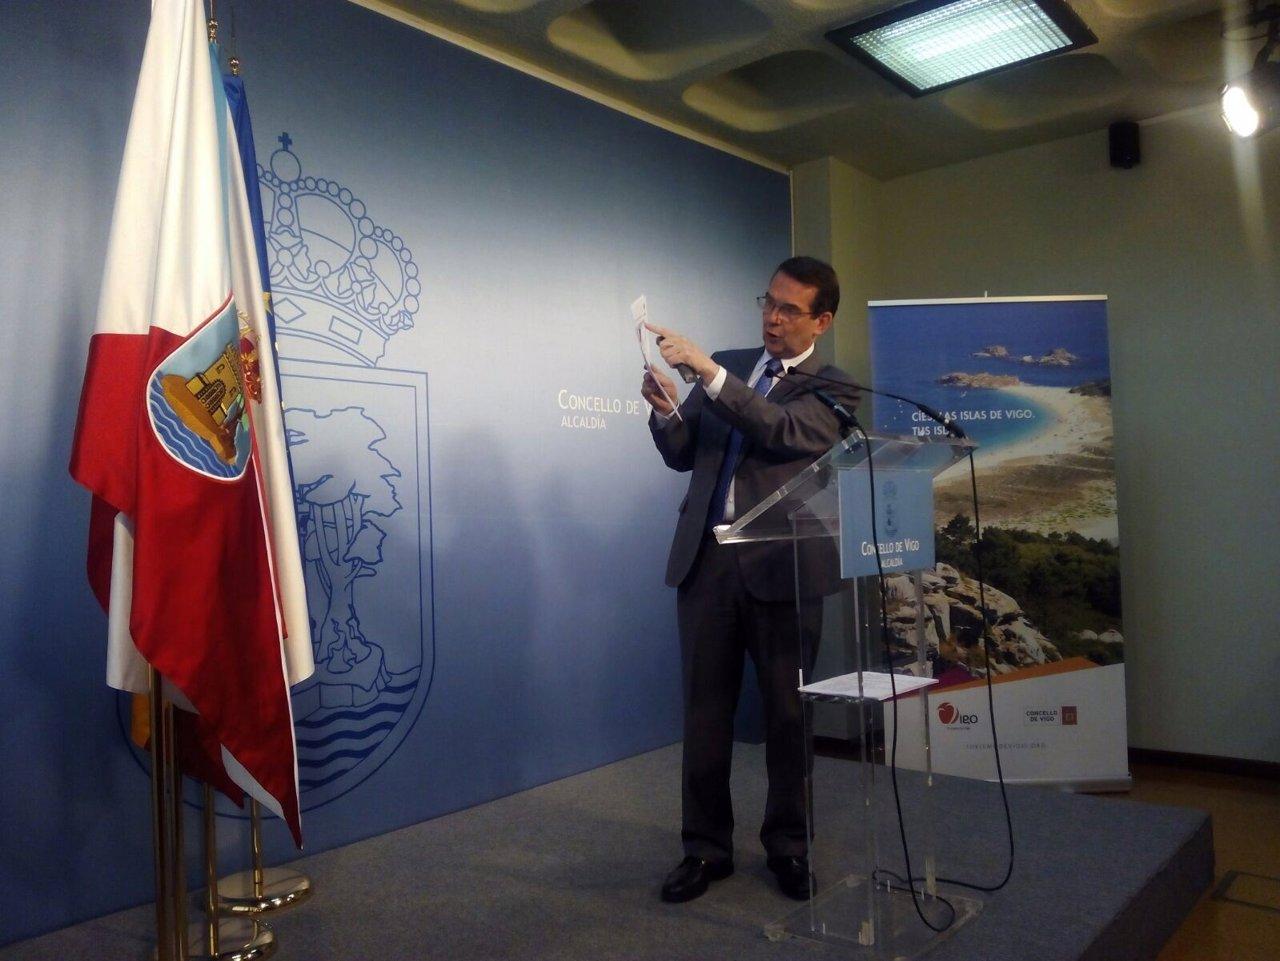 Vigo Abel Factura Udef